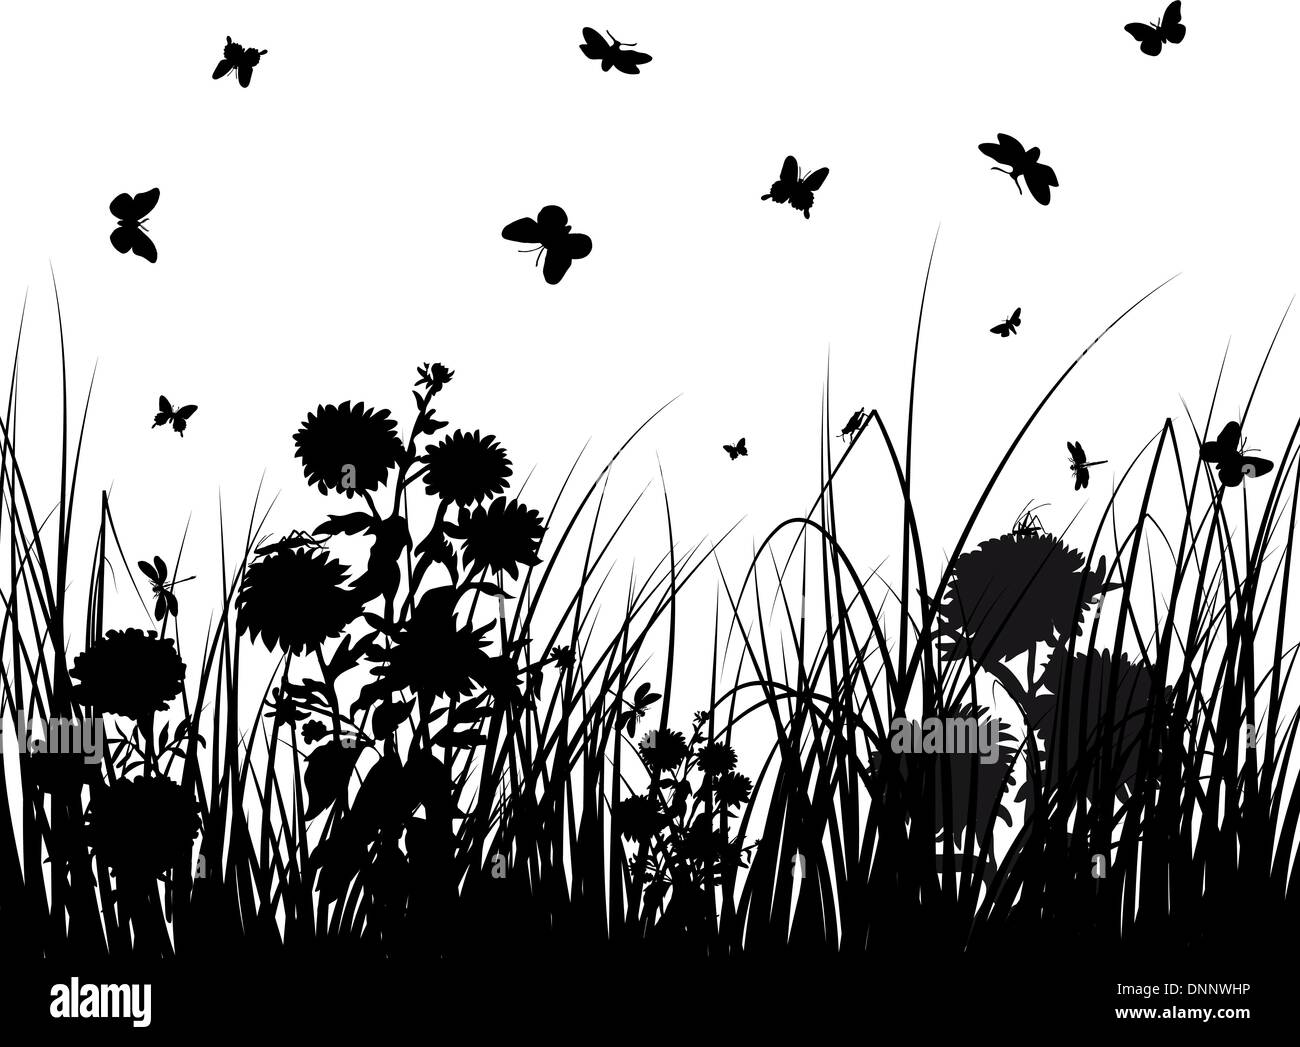 Antecedentes vectoriales siluetas de hierba con mariposasIlustración del Vector